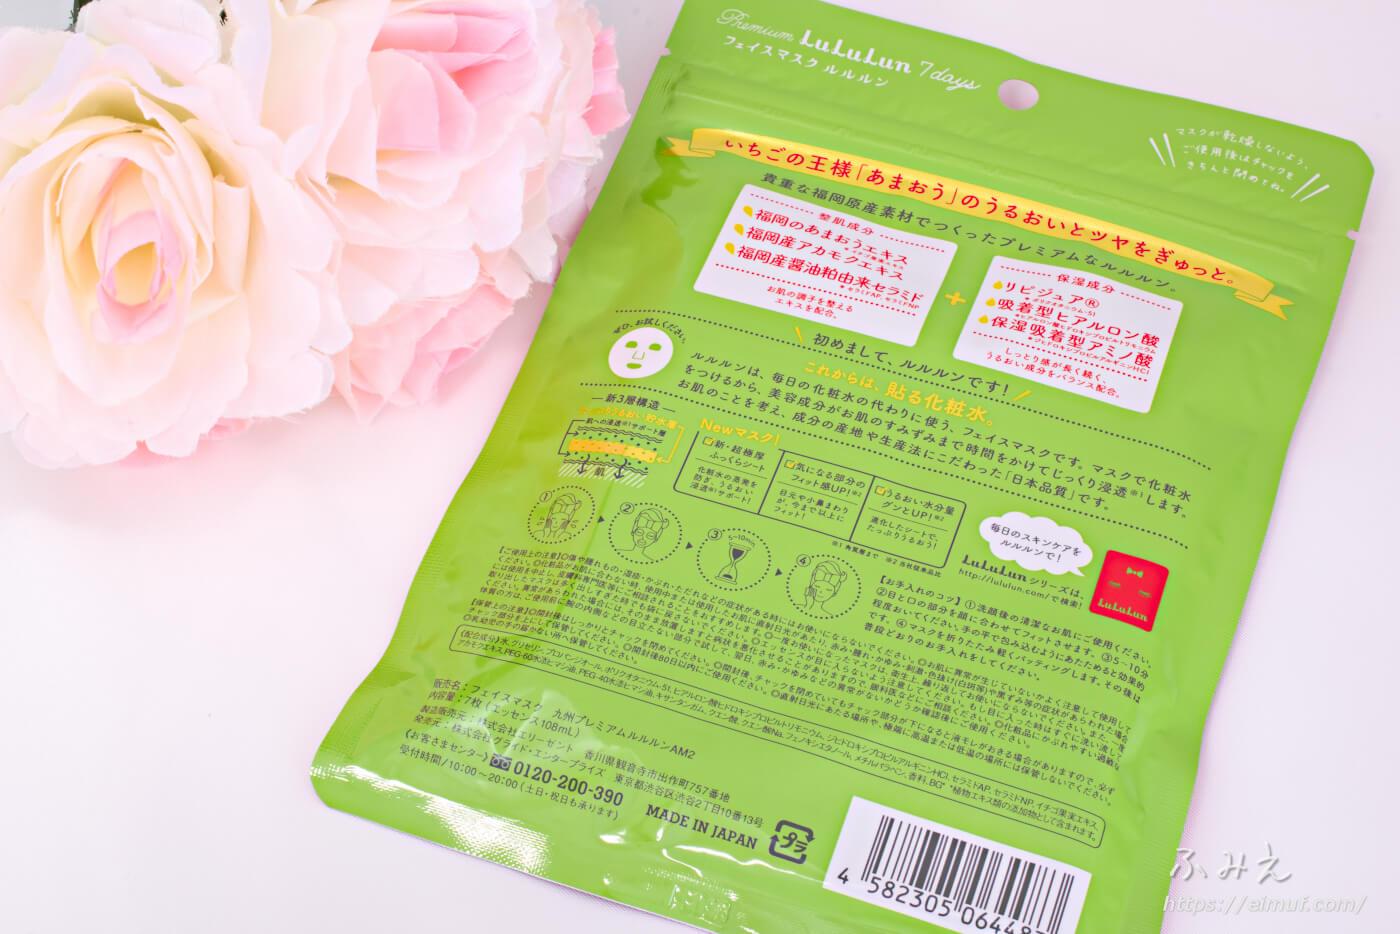 九州のプレミアムルルルン(あまおうの香り) 7枚入り パッケージ裏面